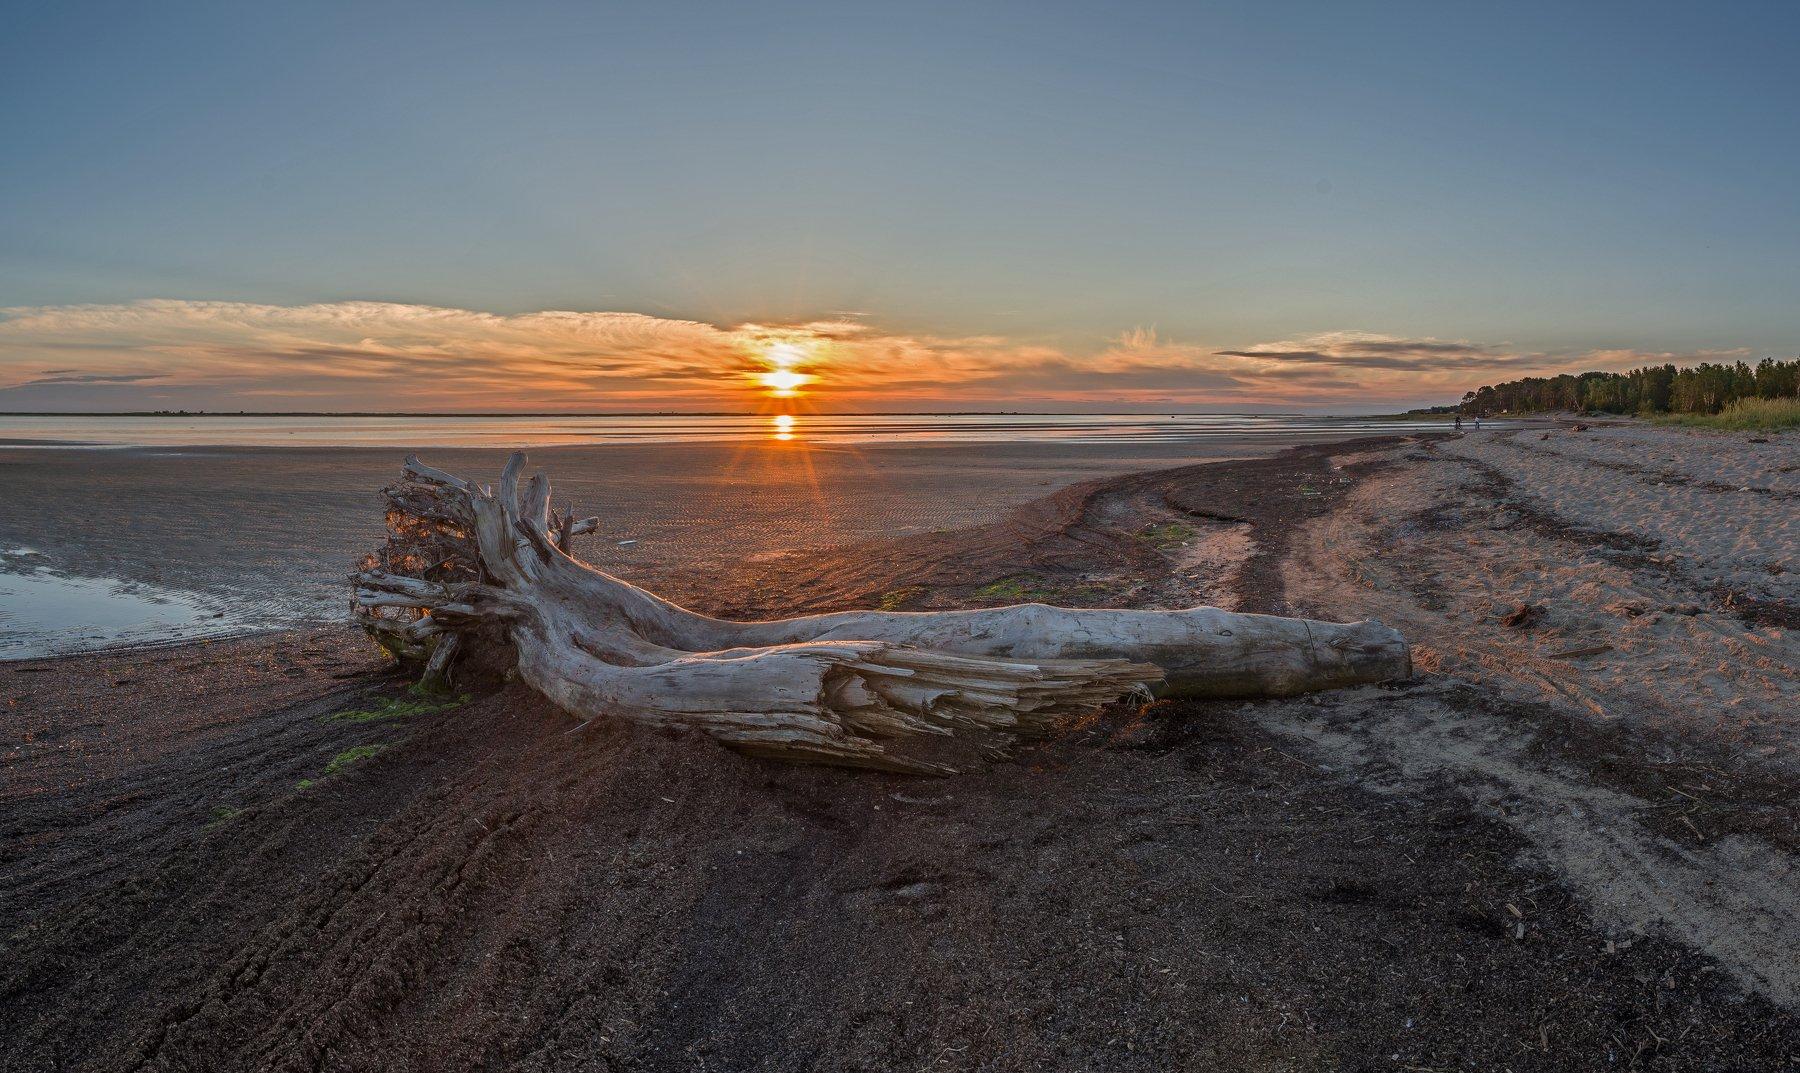 белое море, берег, закат, ягры, Олег Авдеев